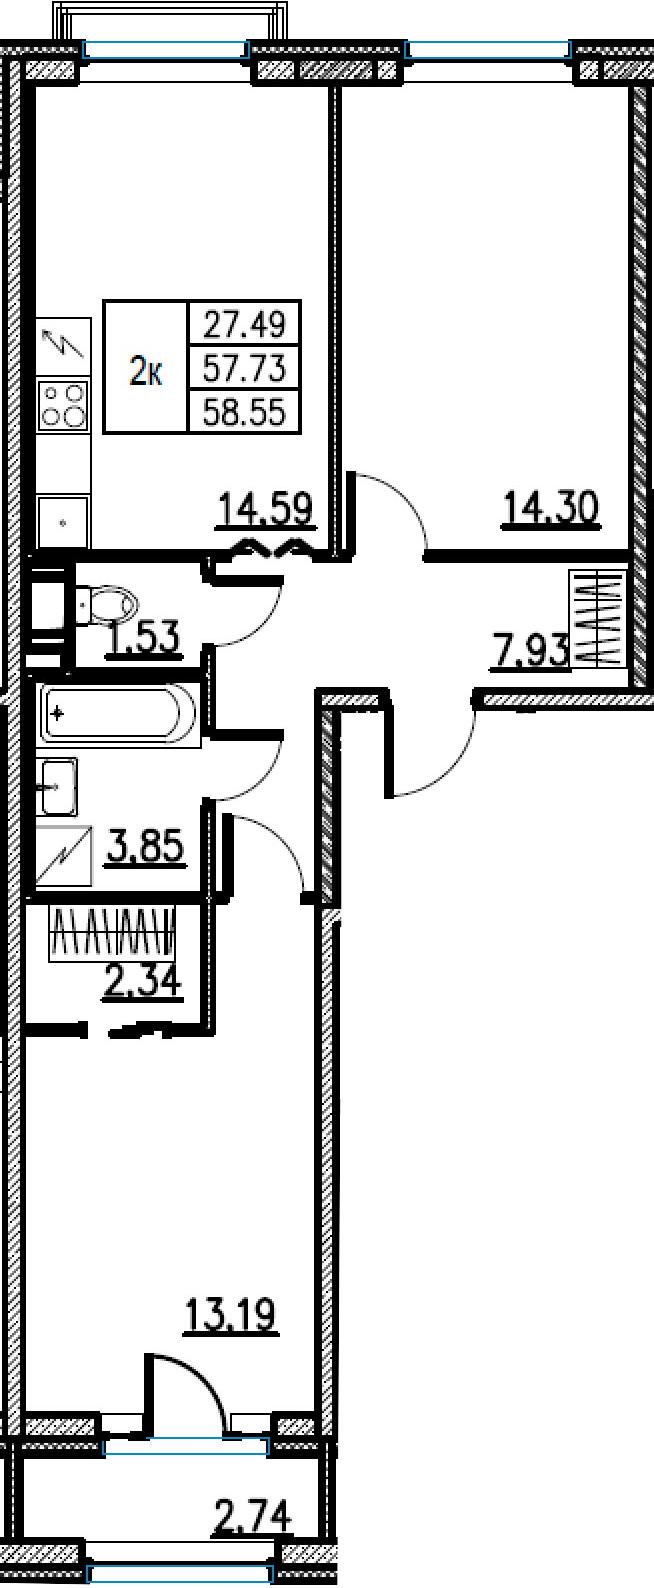 2-комнатная, 58.55 м²– 2